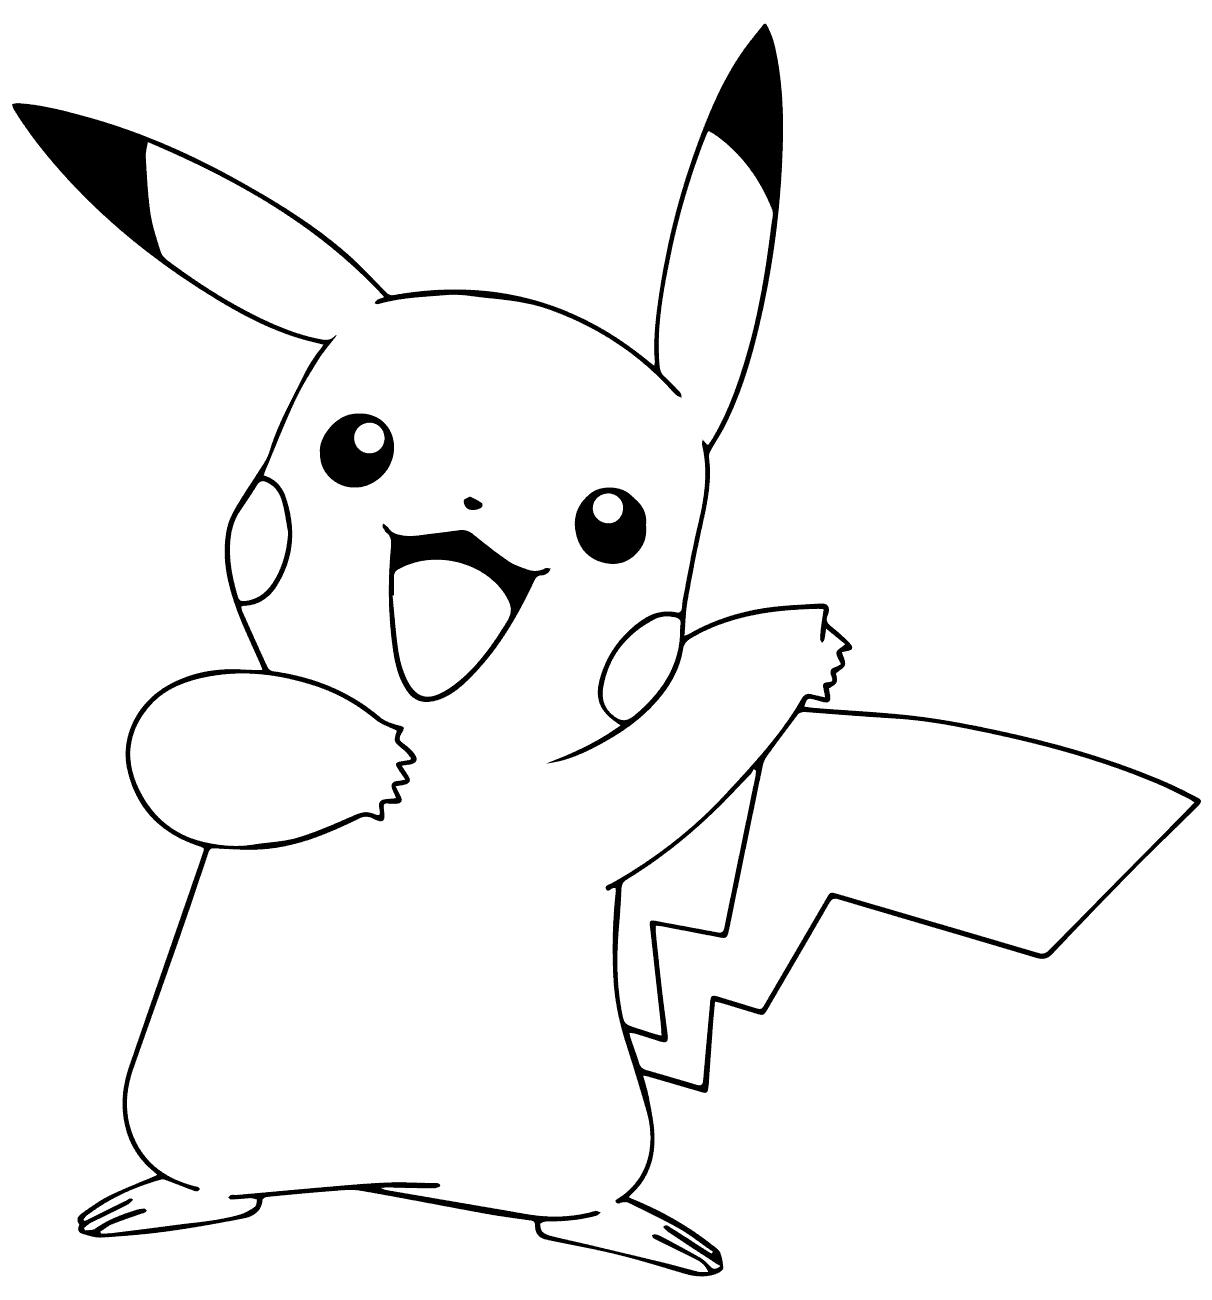 Tranh tô màu hình pikachu